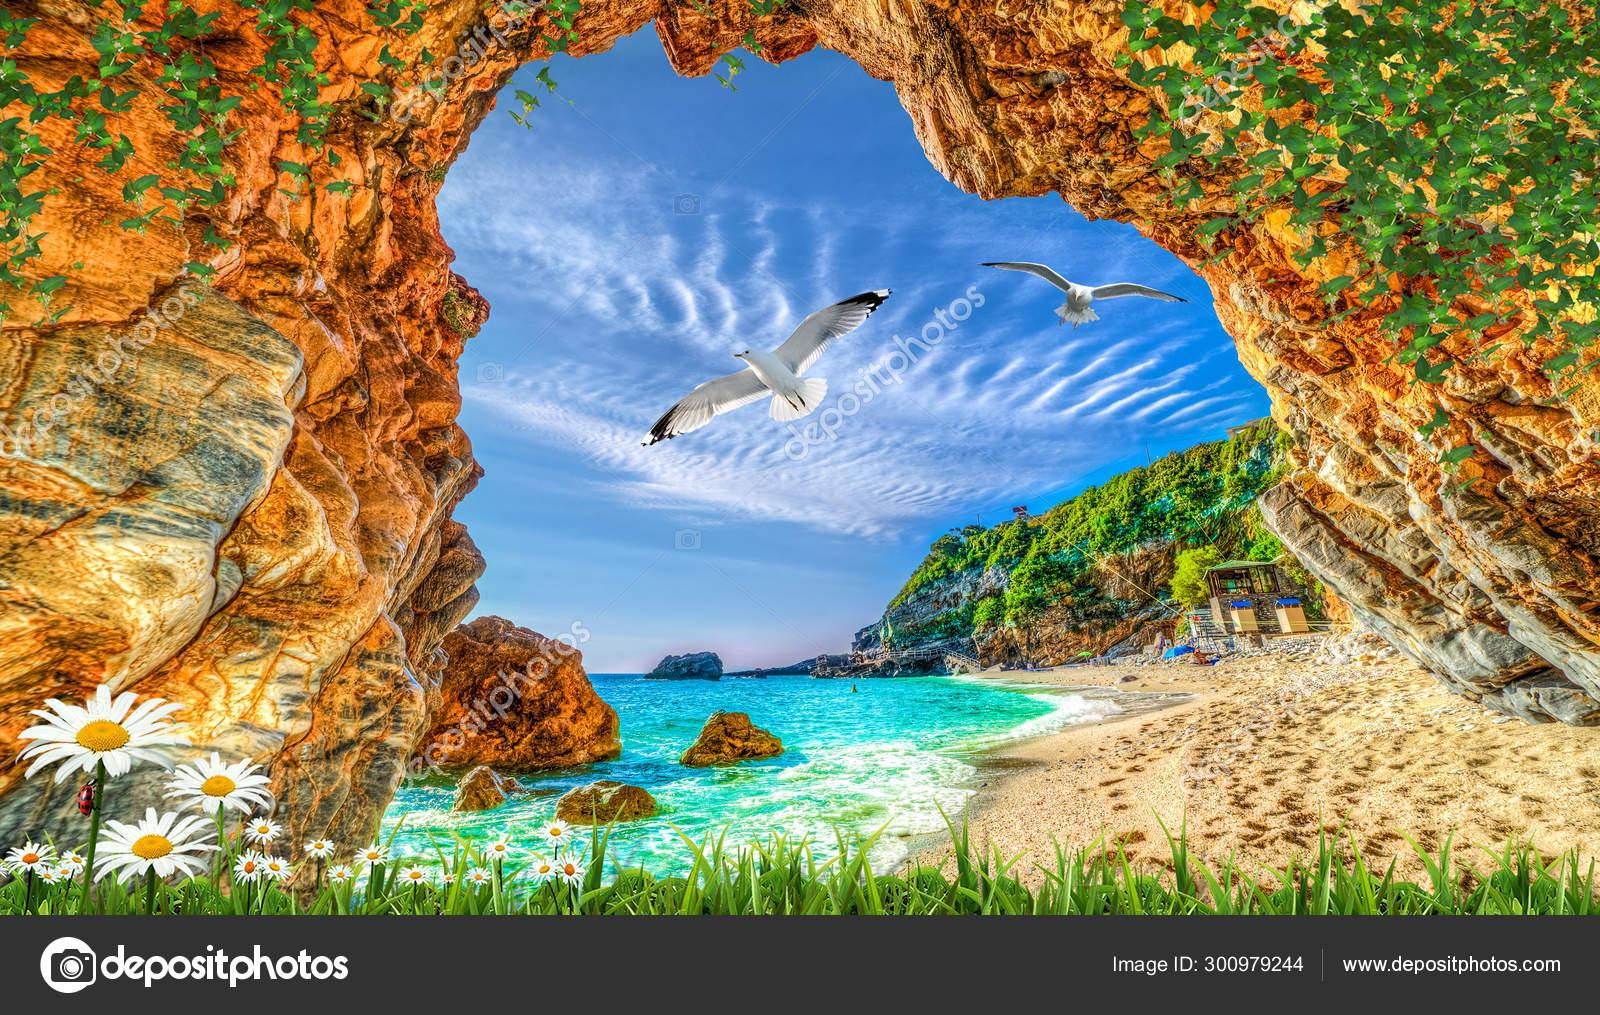 Wallpaper Alami Menakjubkan Dan Latar Belakang — Stok Foto © Zevahir  #300979244